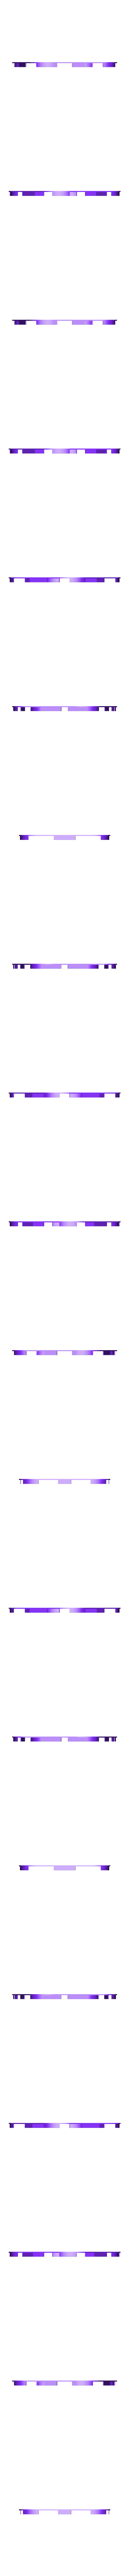 Cover_2.stl Télécharger fichier STL gratuit ADKS - Lampe de table multicolore Bluetooth • Design pour imprimante 3D, Adarkstudio